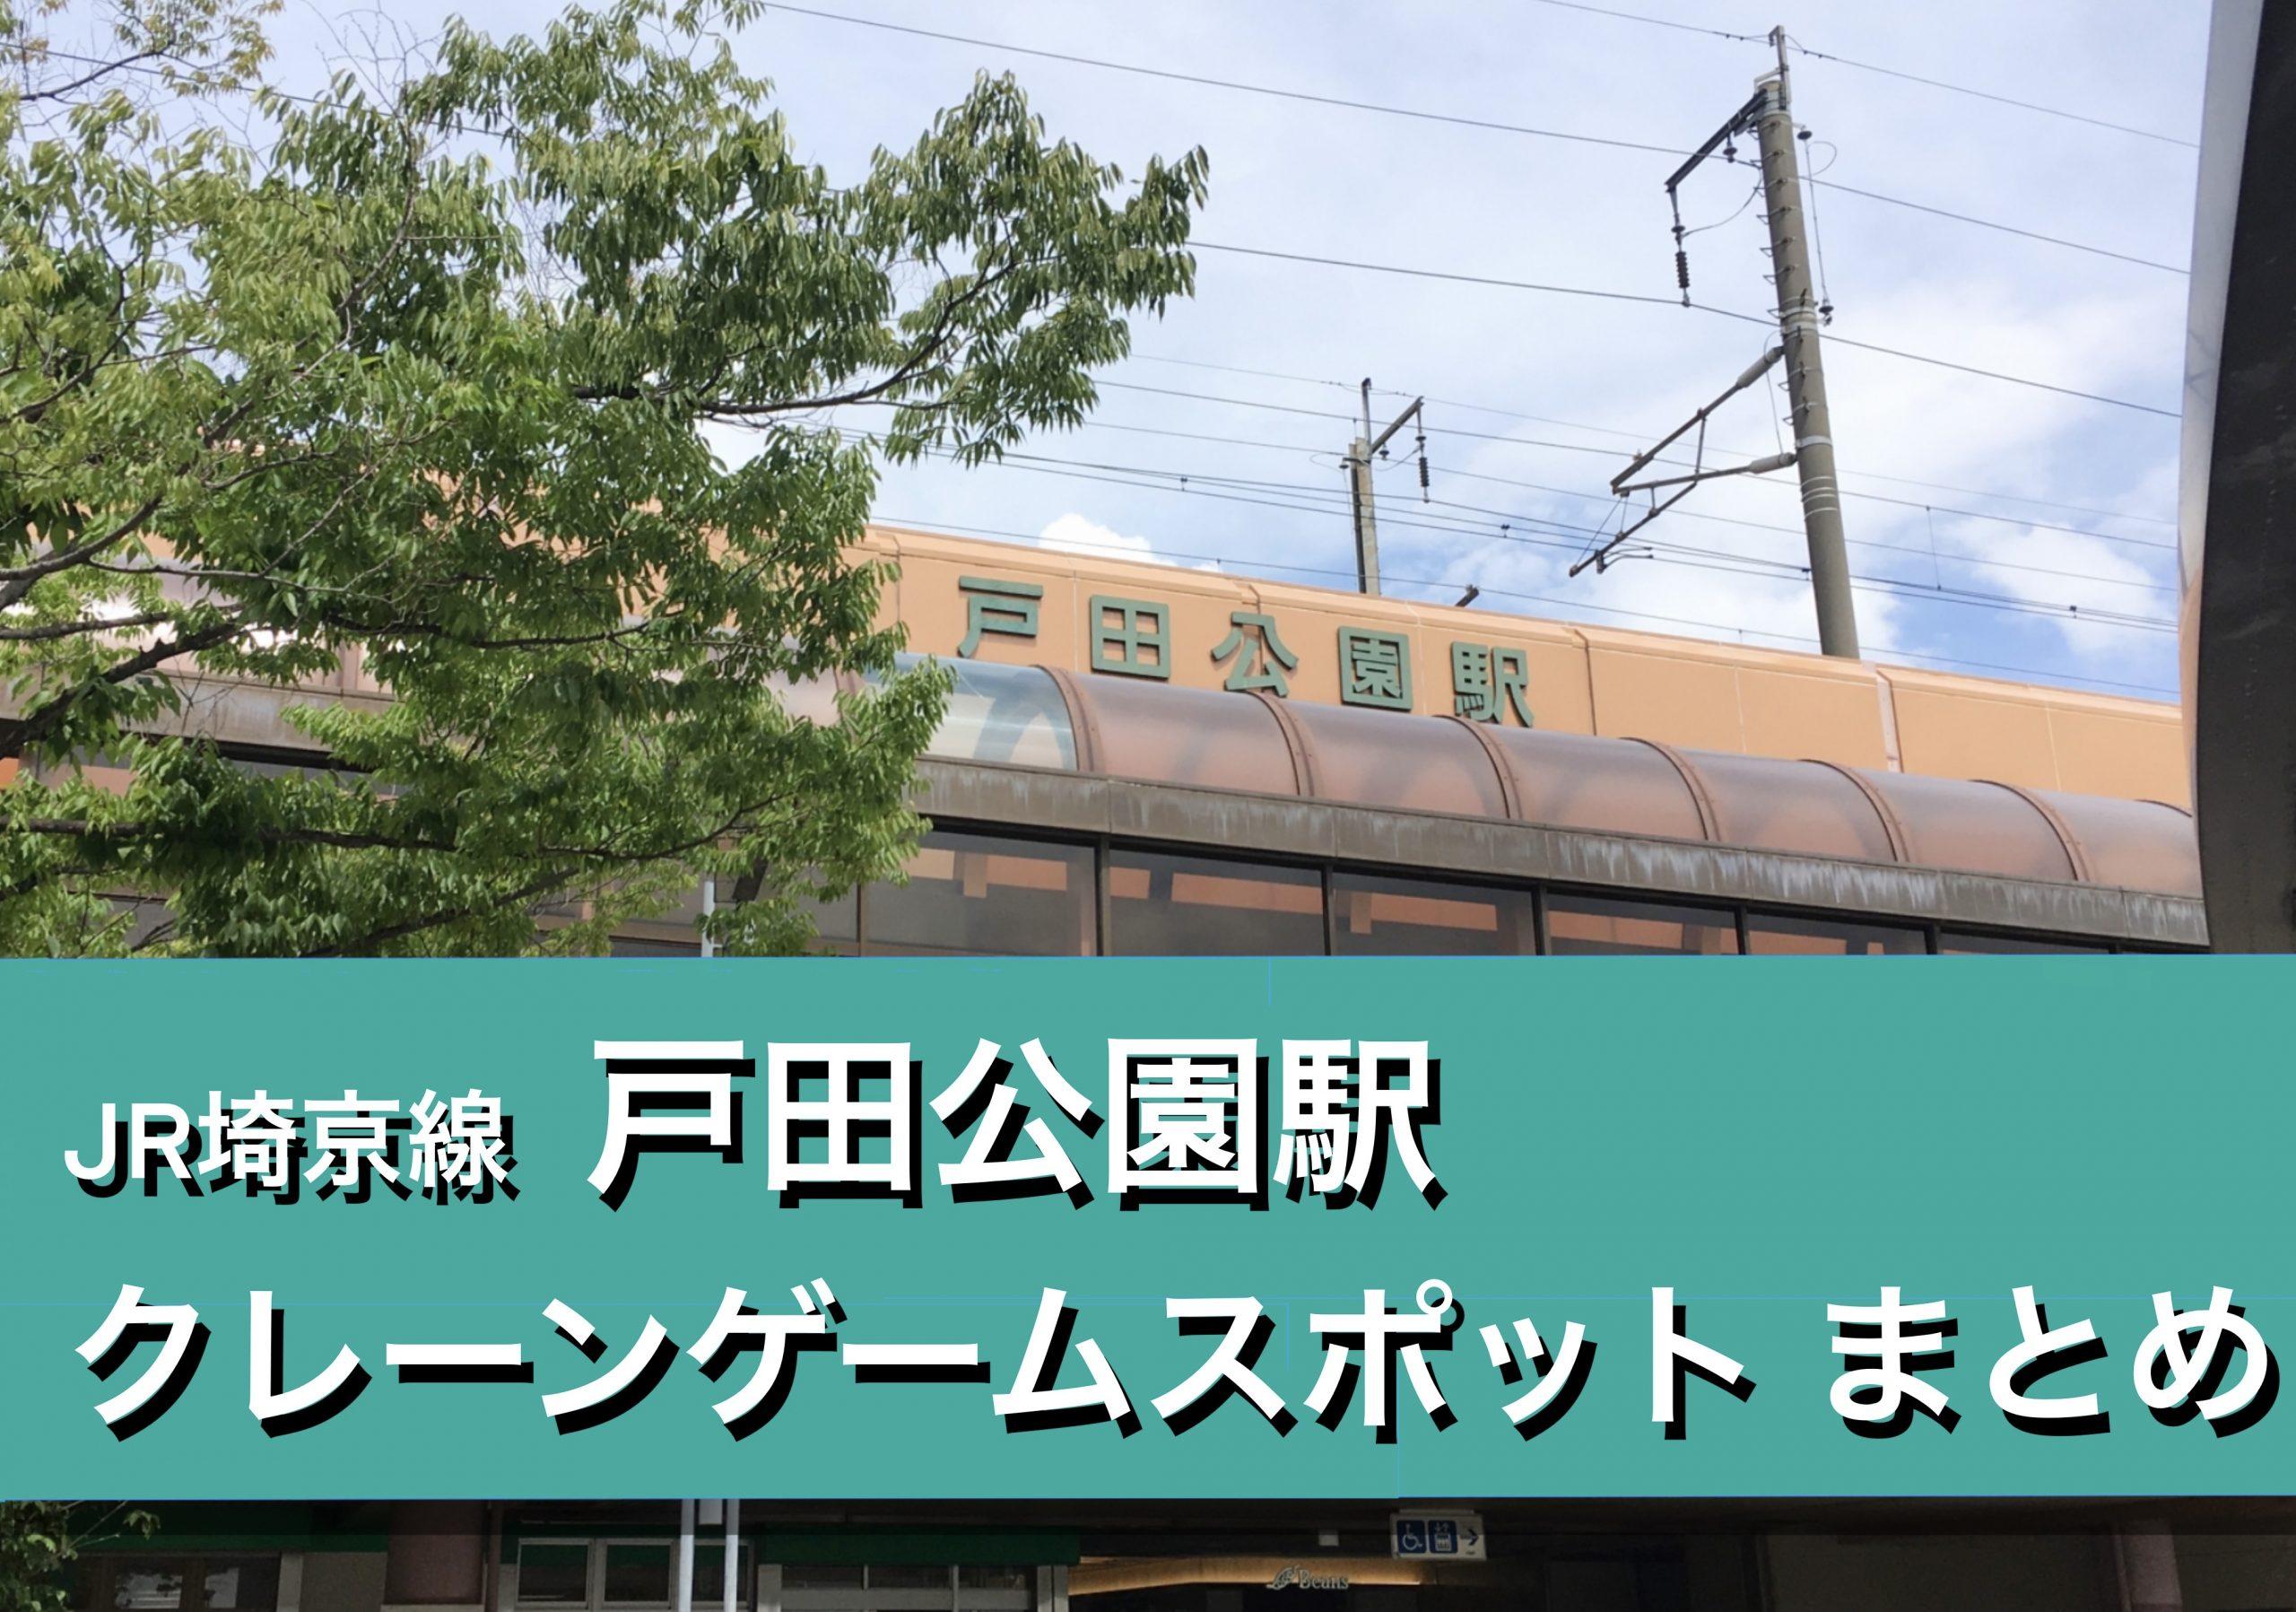 【戸田公園駅】クレーンゲームができる場所